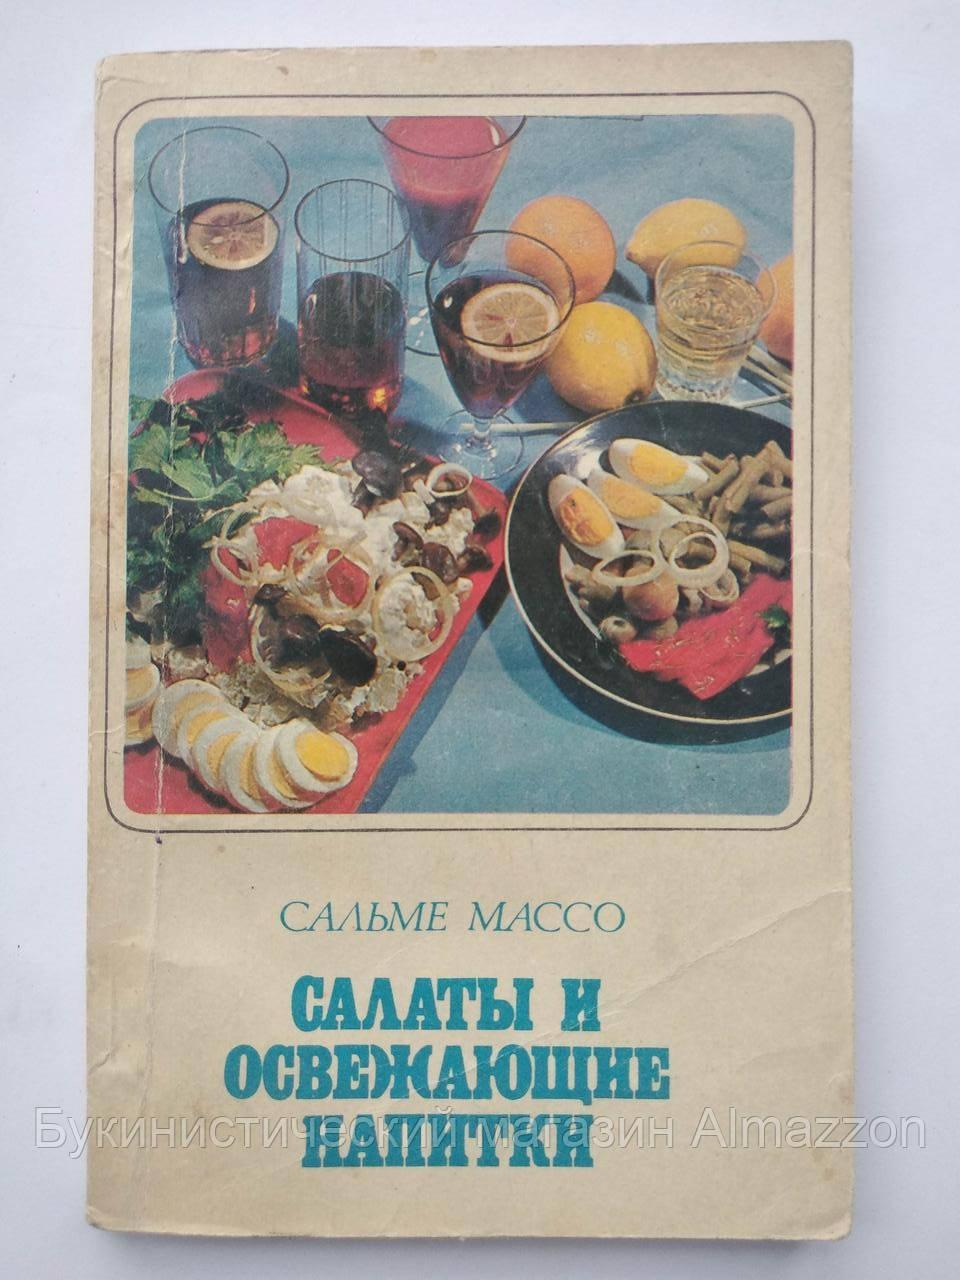 Салаты и освежающие напитки. Сальме Массо. Рецепты. 1977 год